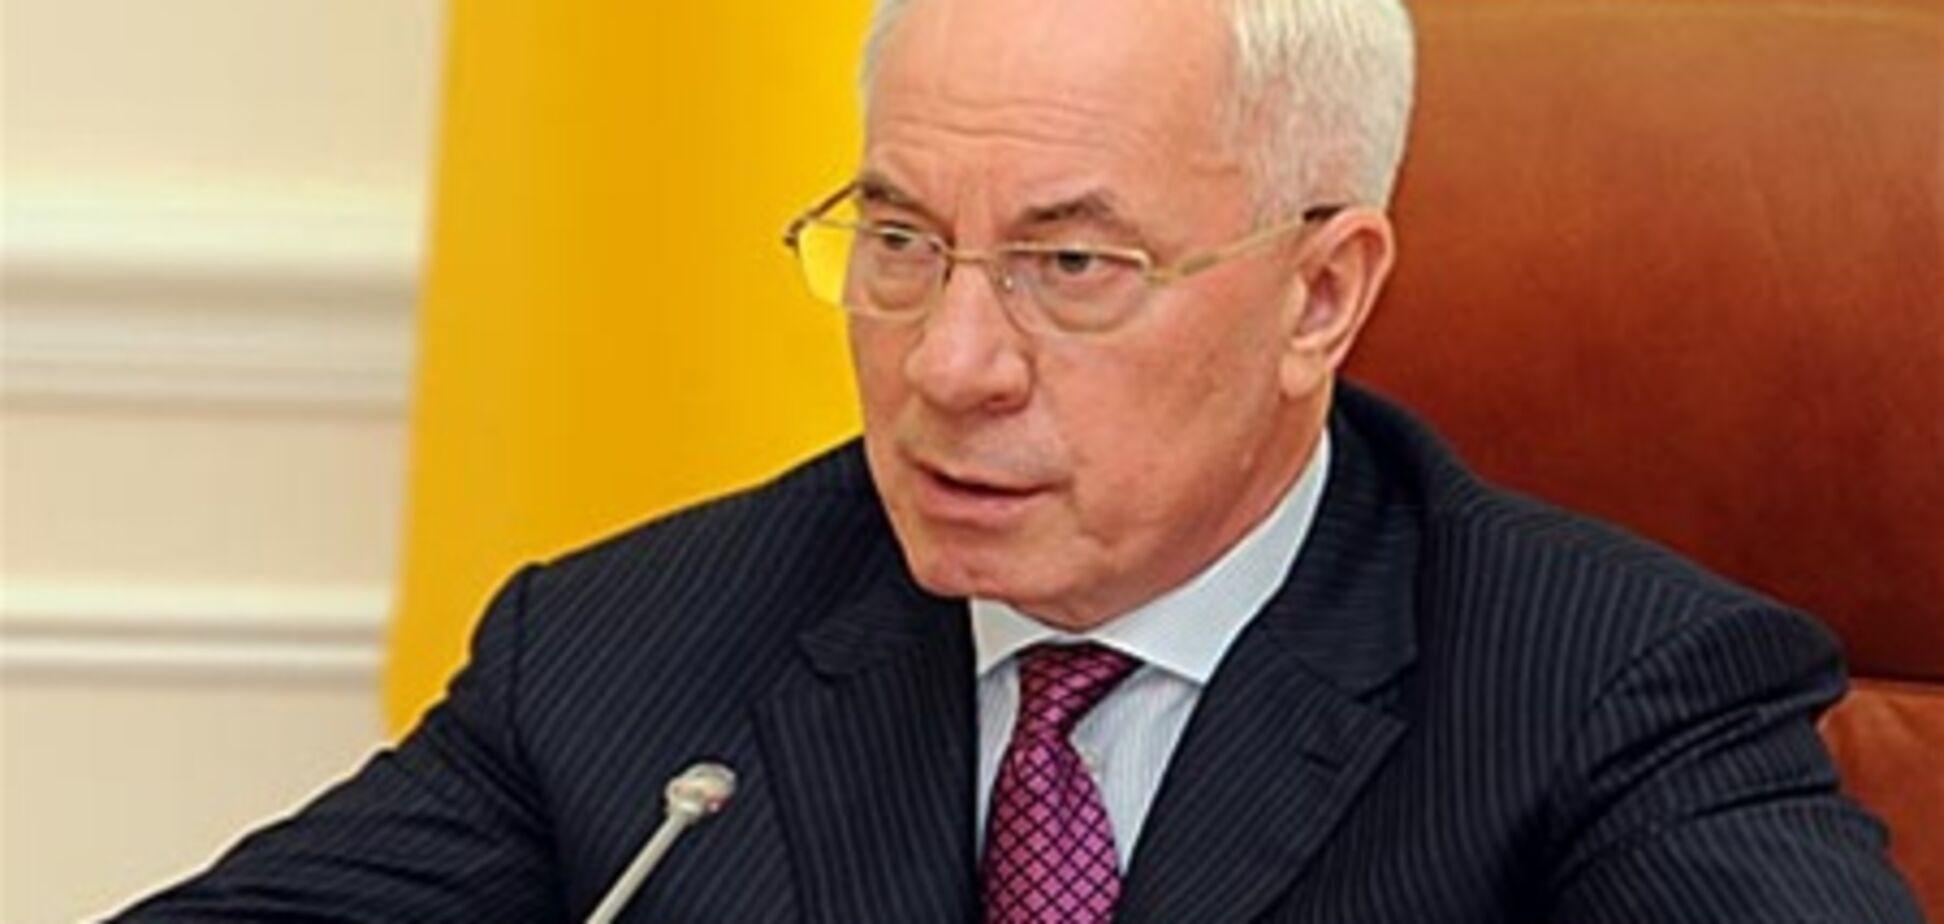 Азаров считает низкой долю кредитов в общем объеме капиталовложений